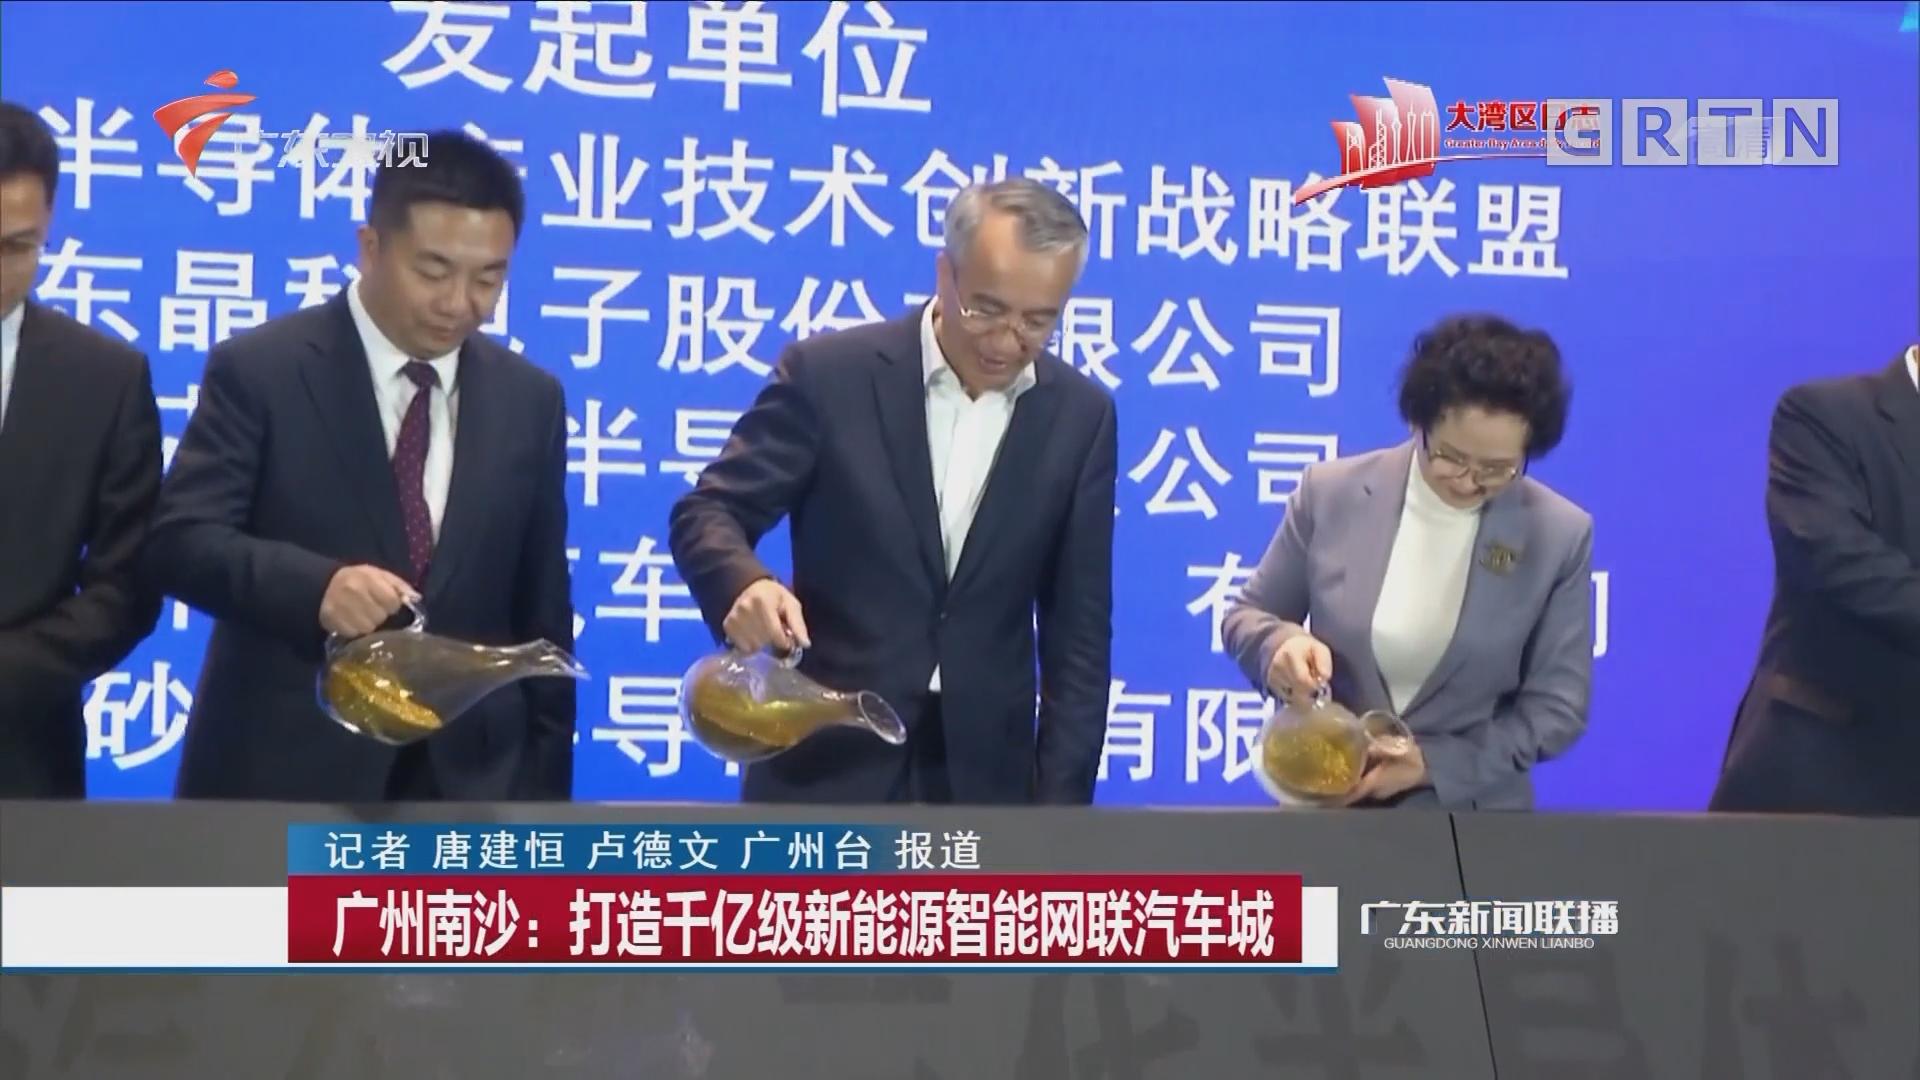 广州南沙:打造千亿级新能源智能网联汽车城